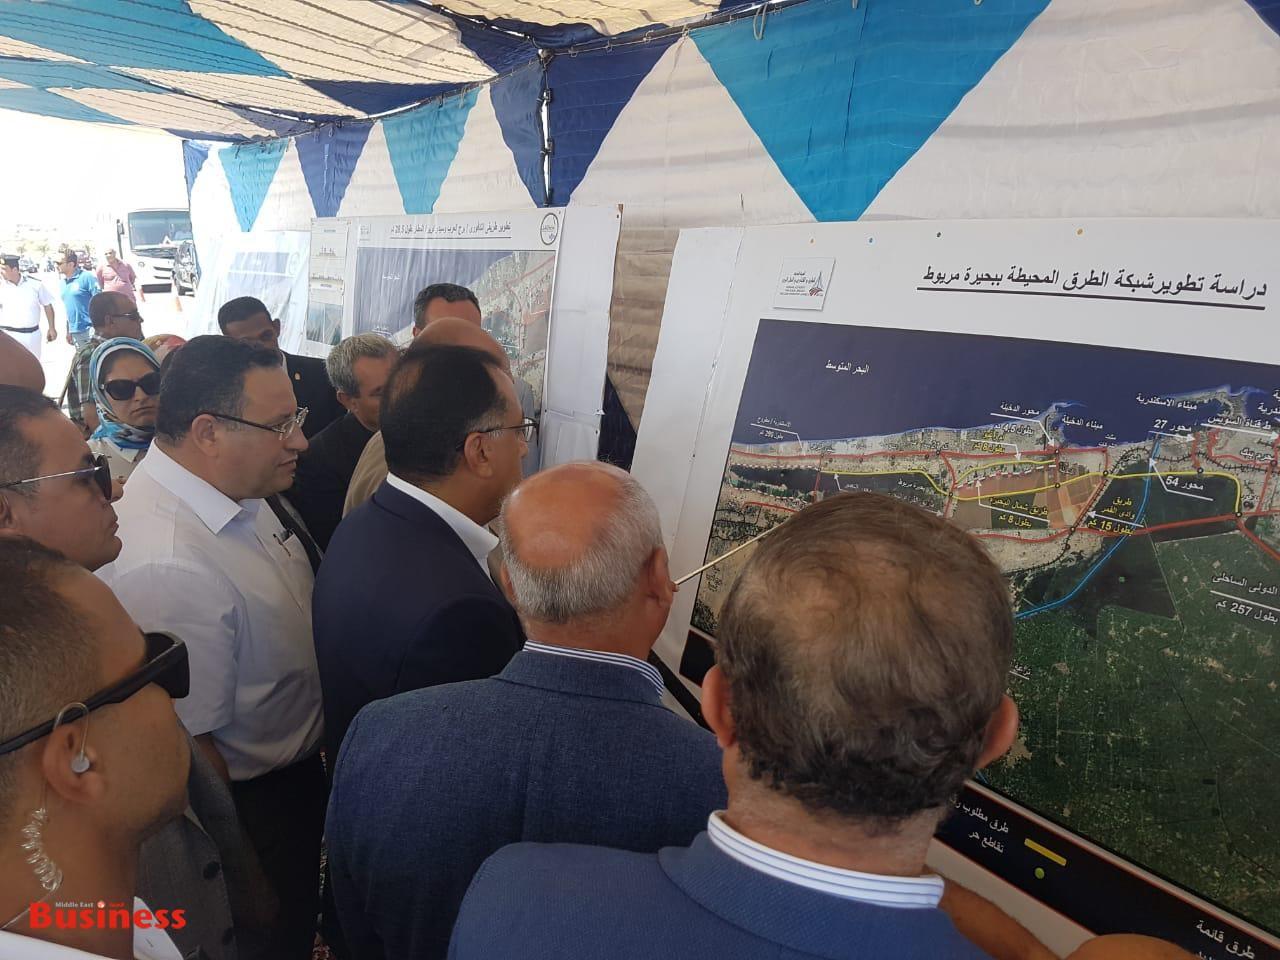 مصطفى مدبولي وشرح لأعمال التطوير